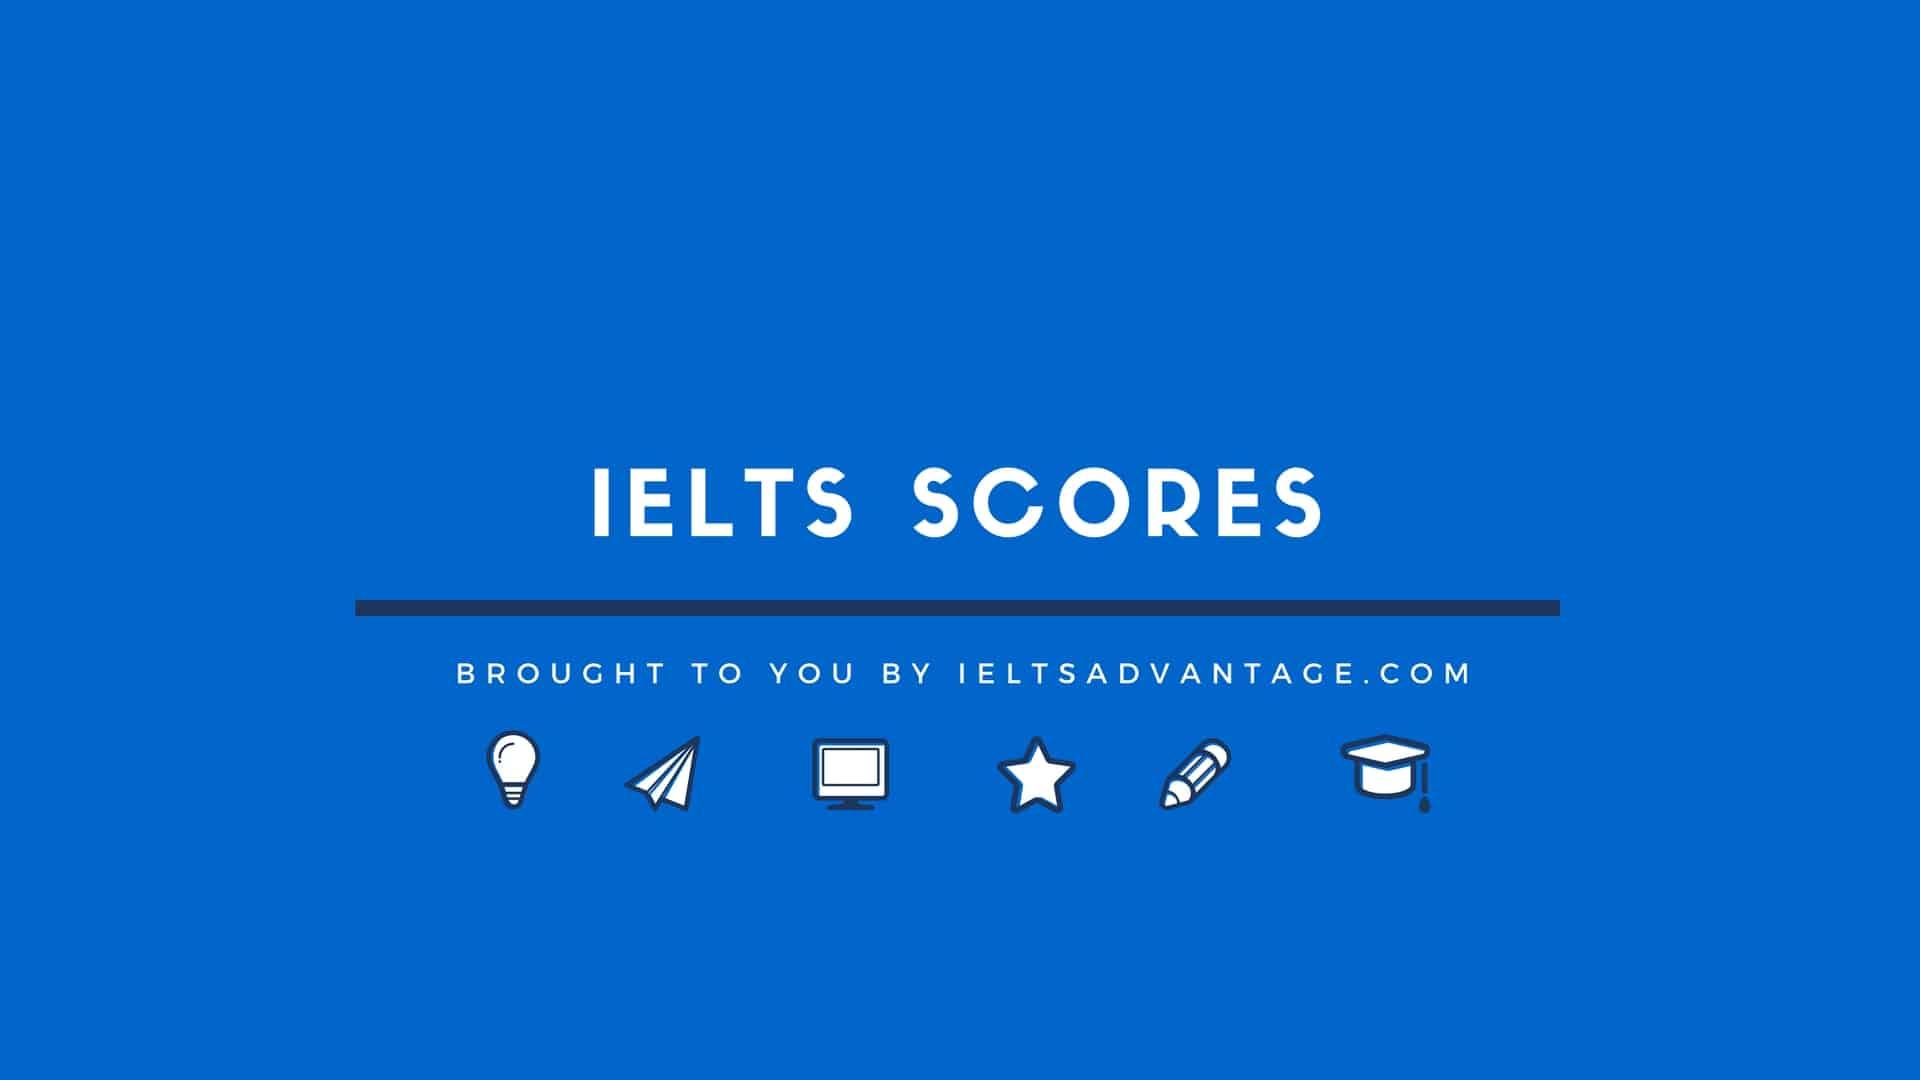 9 IELTS Scores